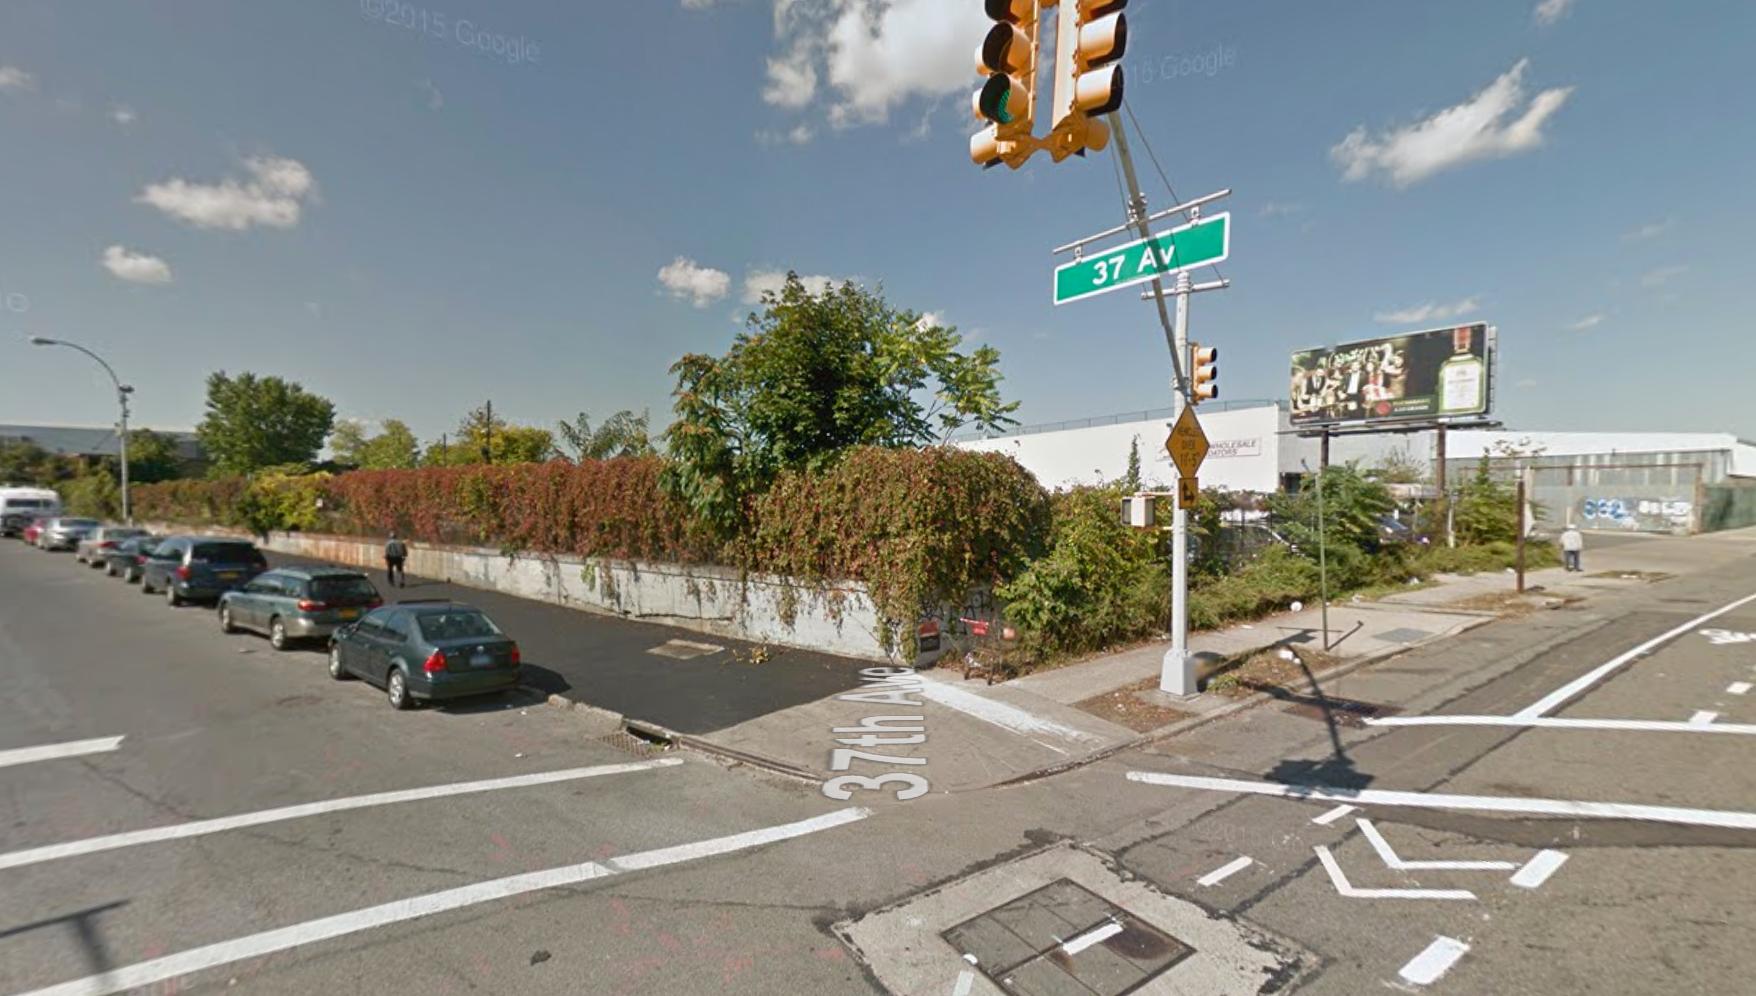 47-99 37th Avenue